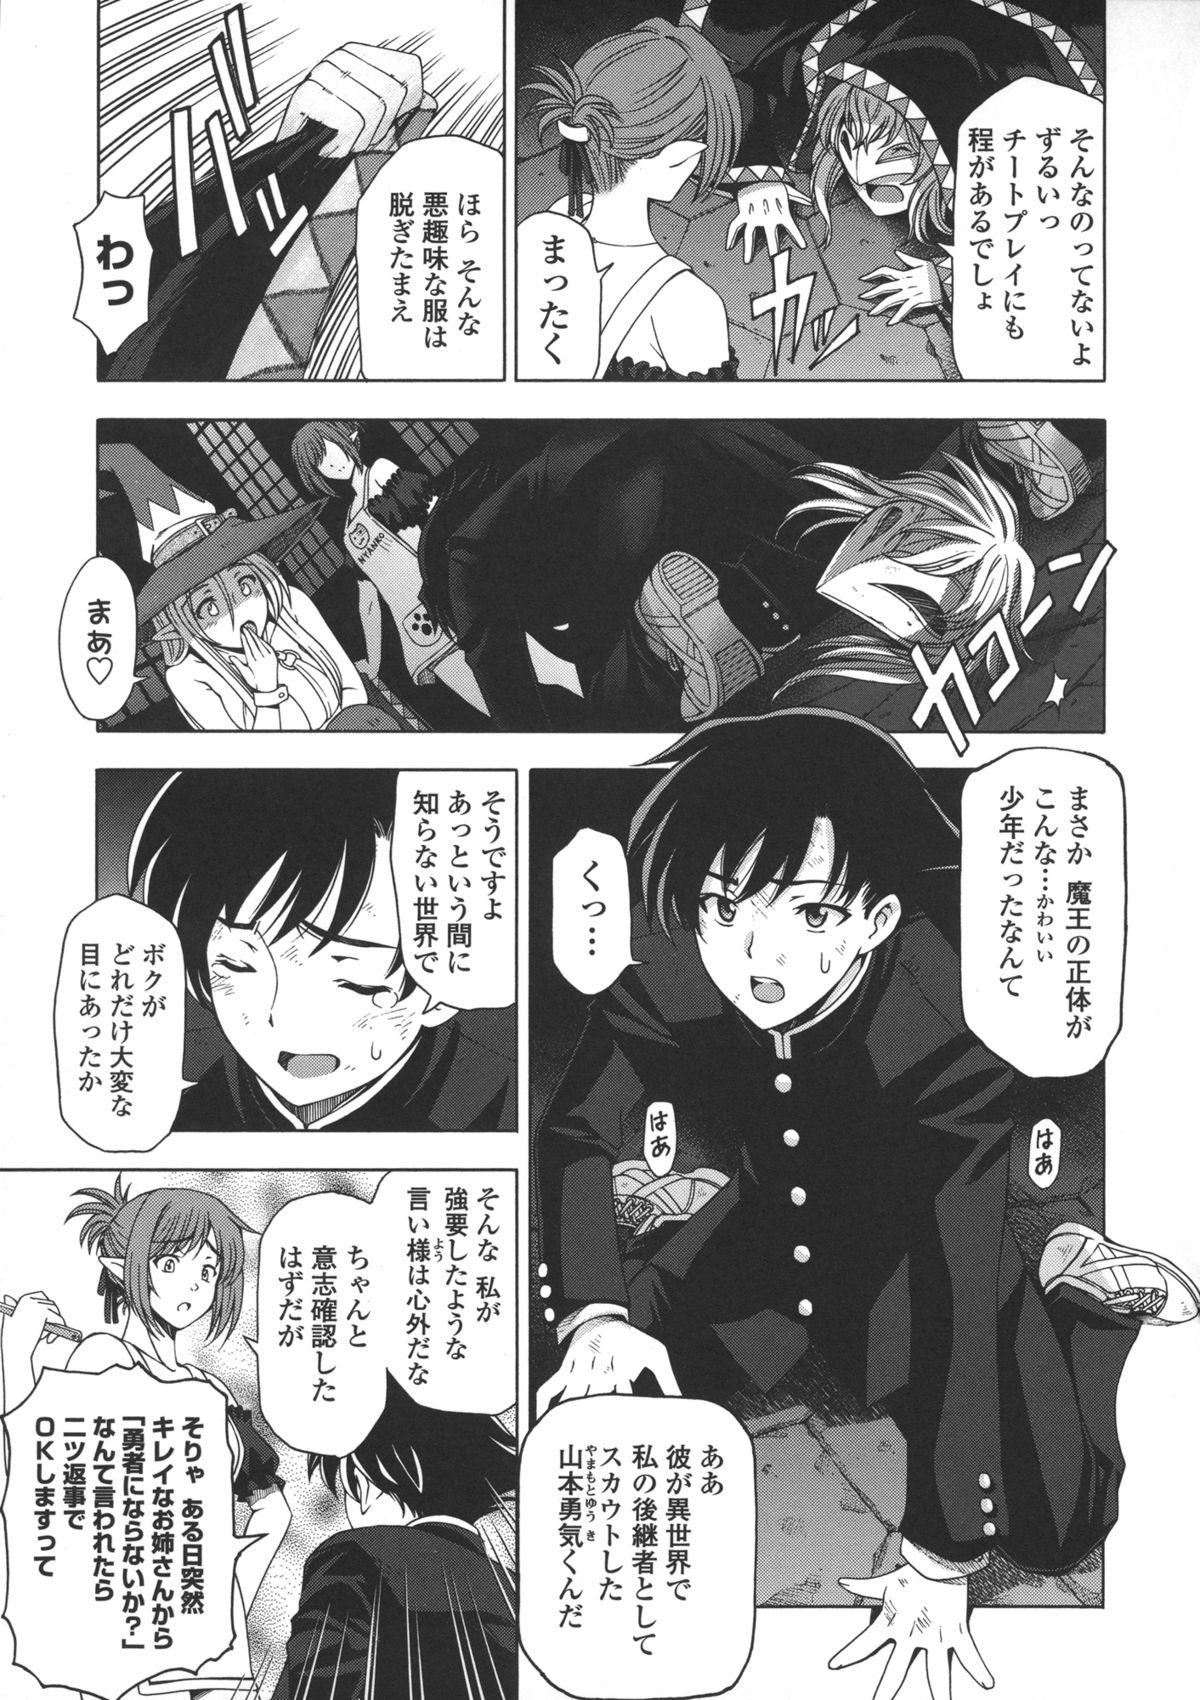 Ane wa Shota o Suki ni Naru 143